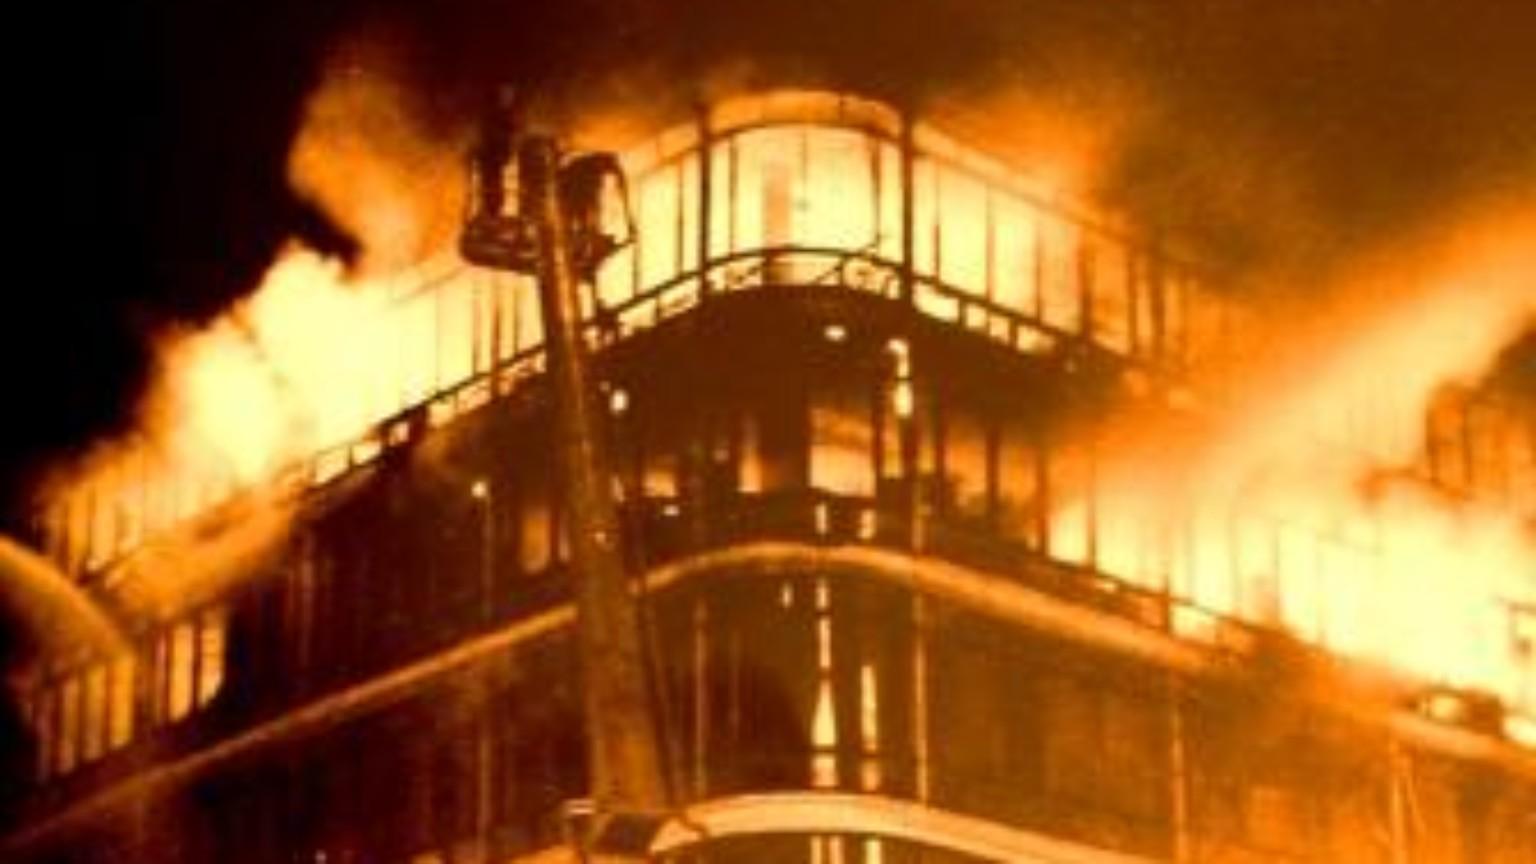 Zdjęcie dla kartki: Pożar Centralnego Domu Towarowego czyli późniejszego Smyka